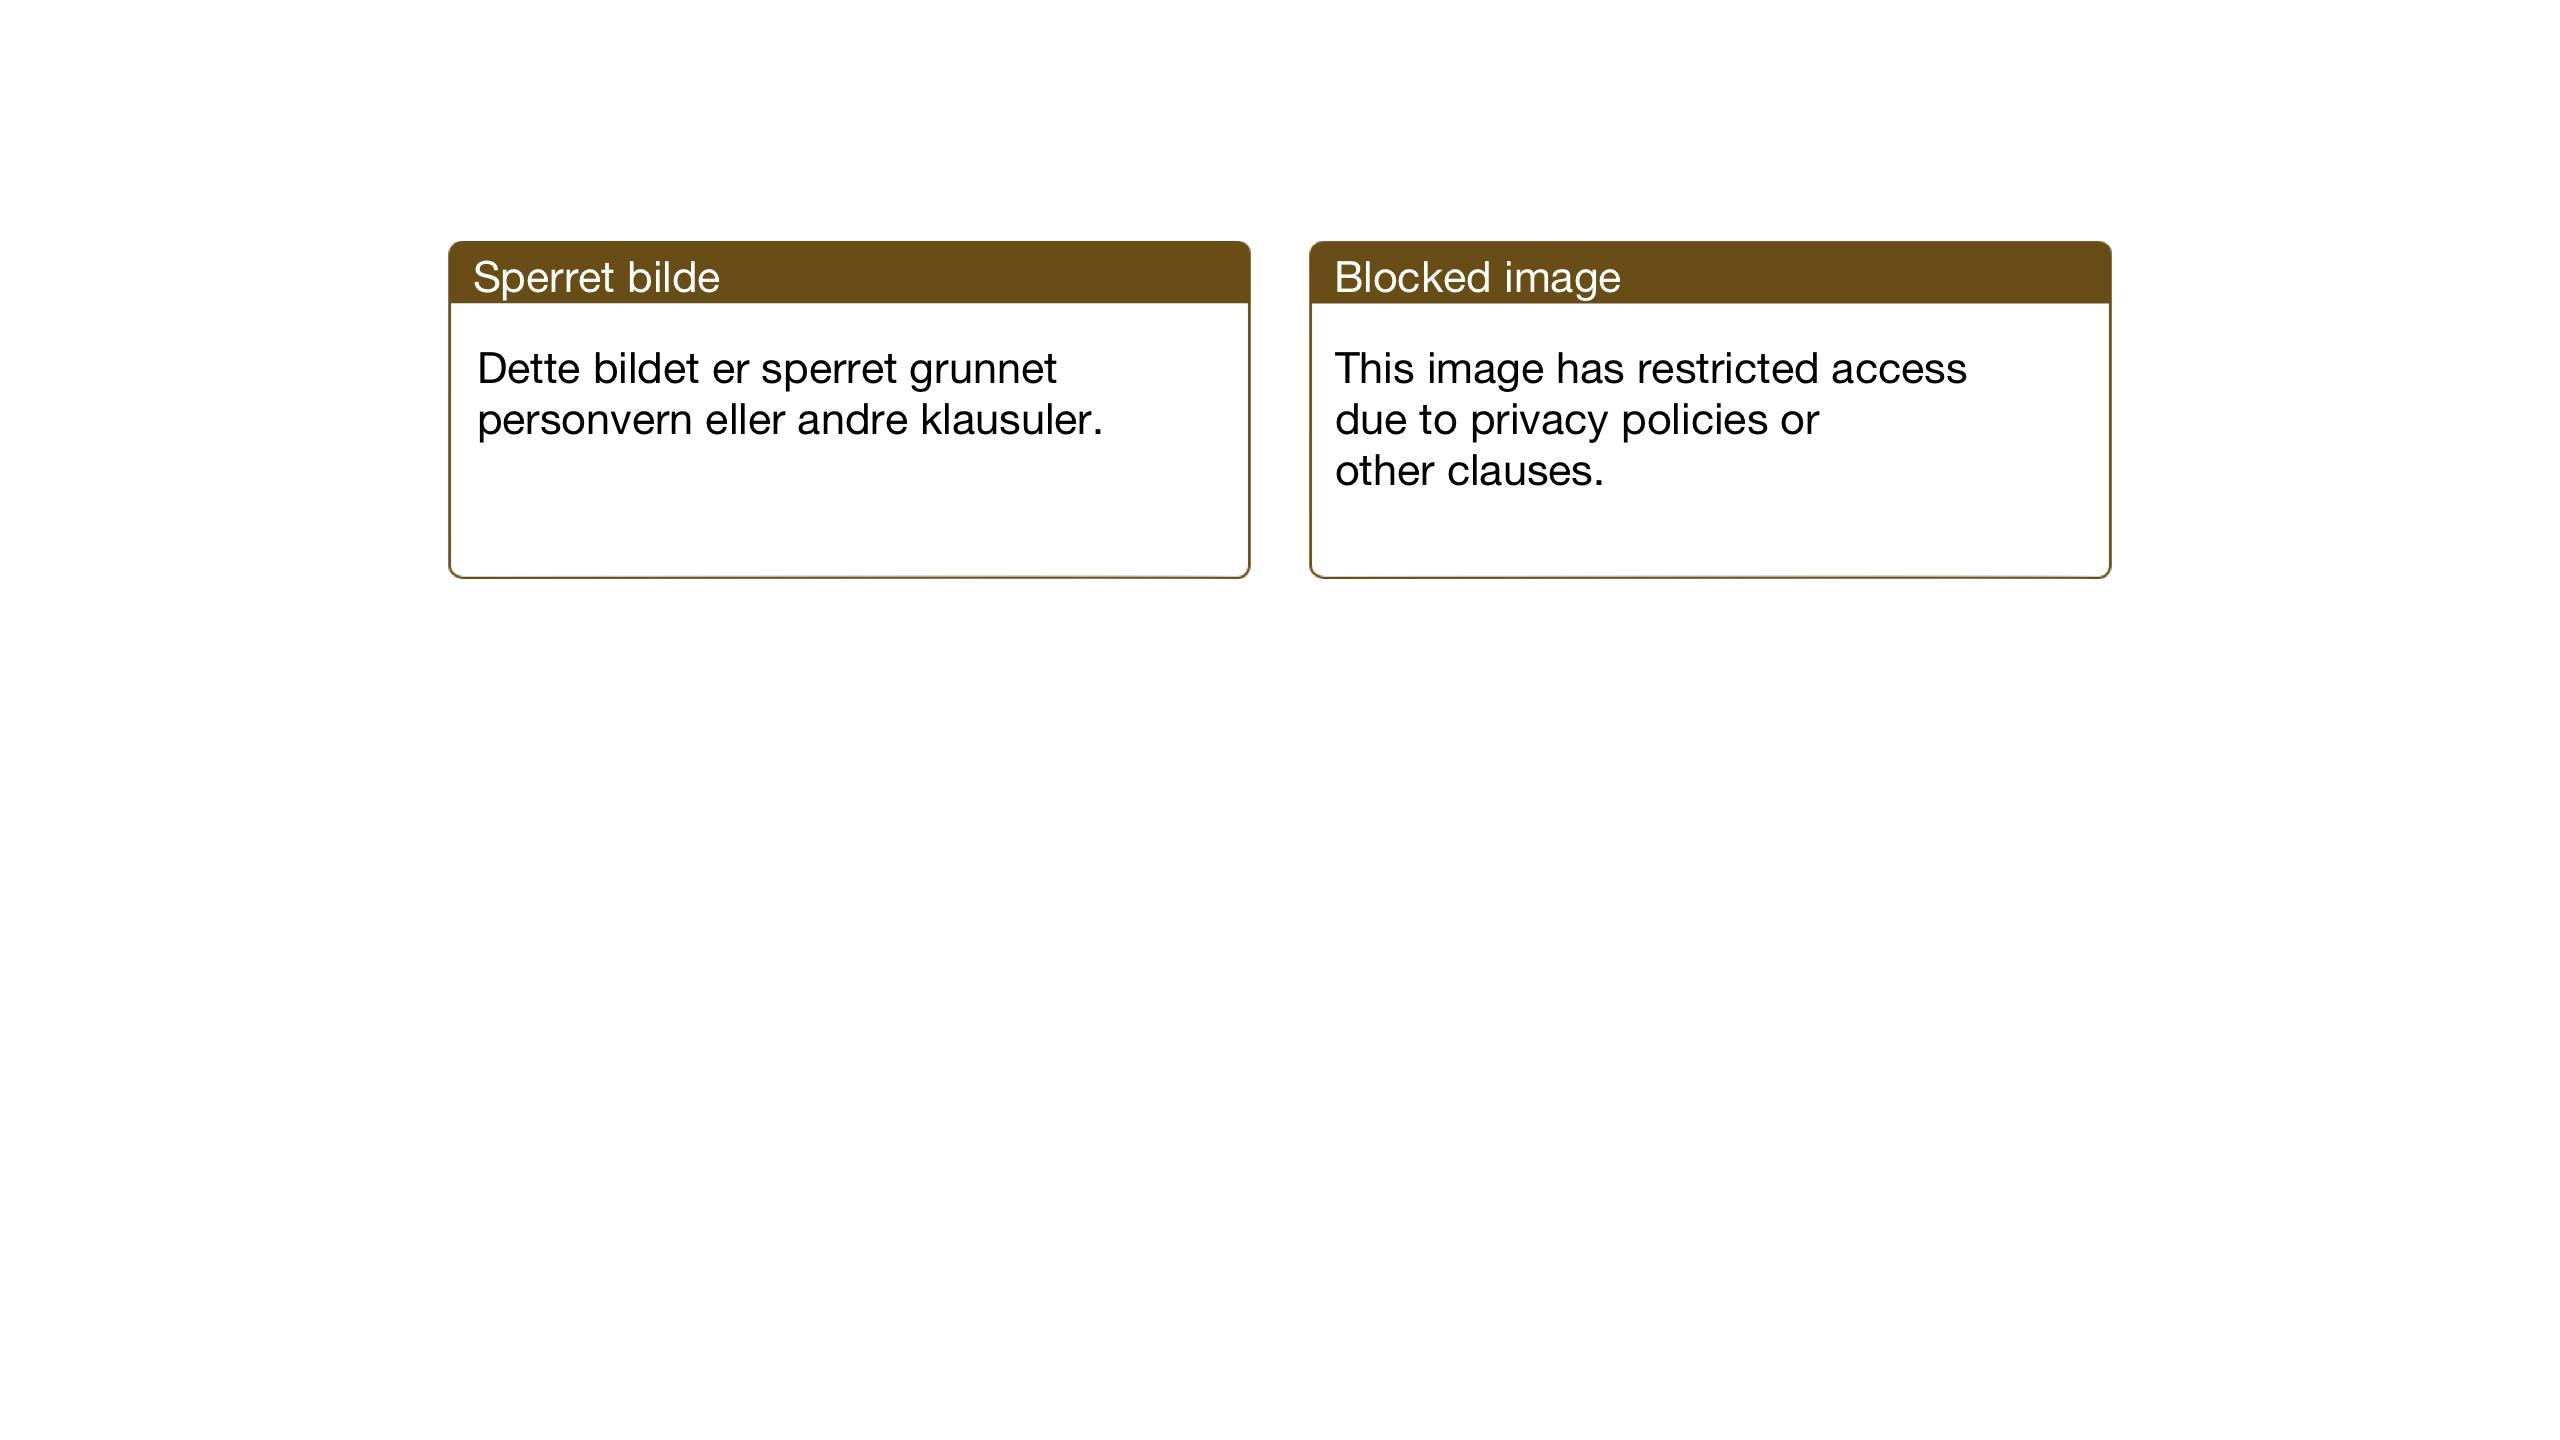 SAT, Ministerialprotokoller, klokkerbøker og fødselsregistre - Nord-Trøndelag, 768/L0583: Klokkerbok nr. 768C01, 1928-1953, s. 135